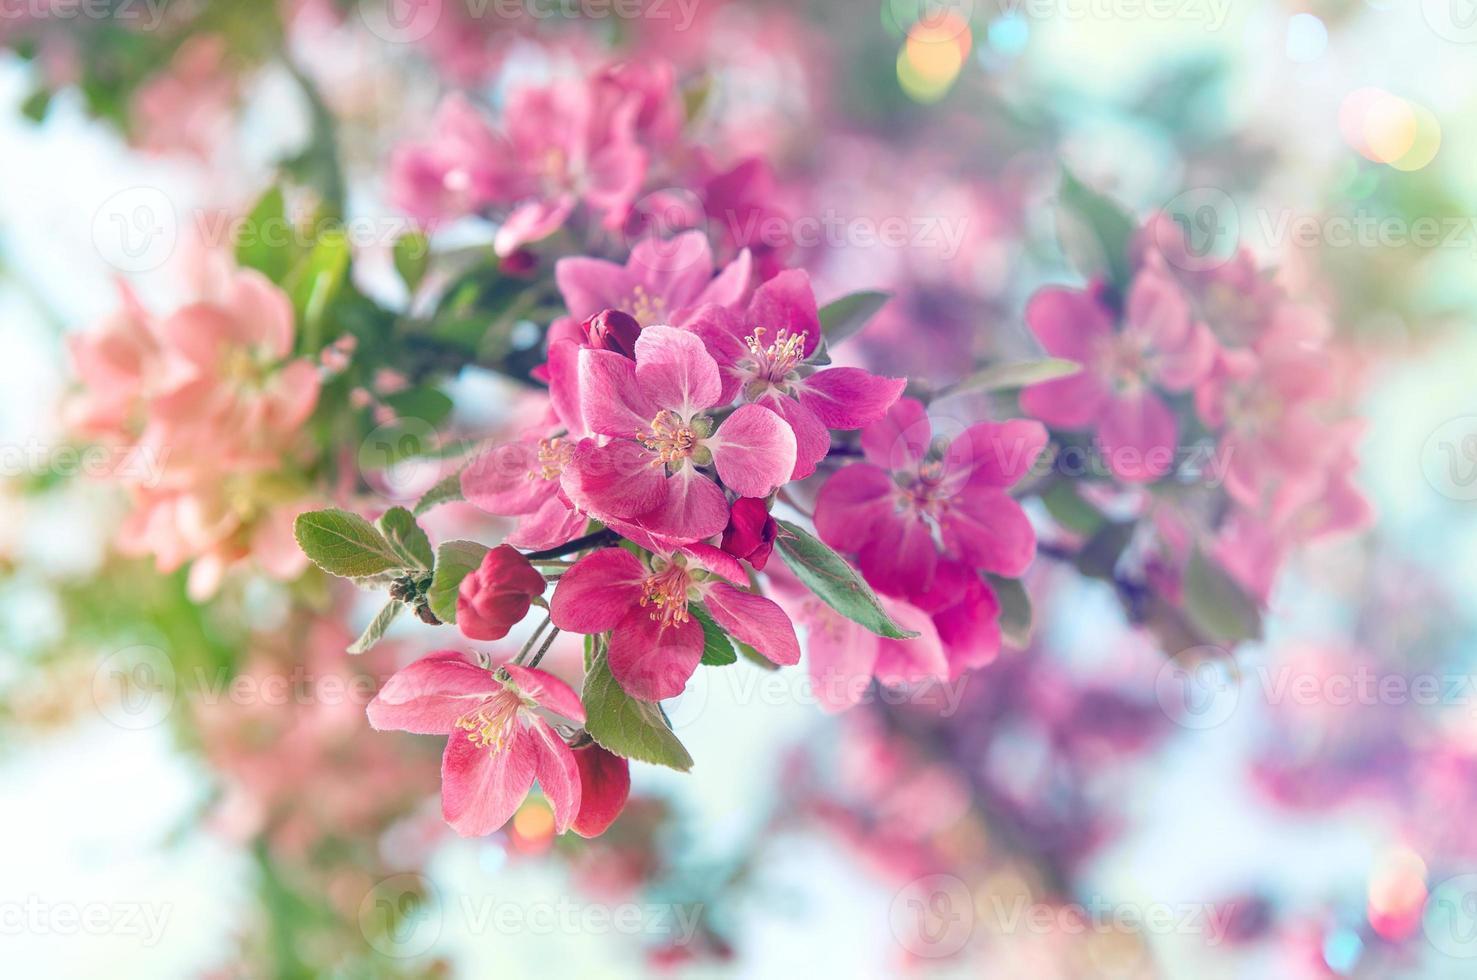 blommande körsbärsträd. vackra rosa blommor. tonad retro stil foto